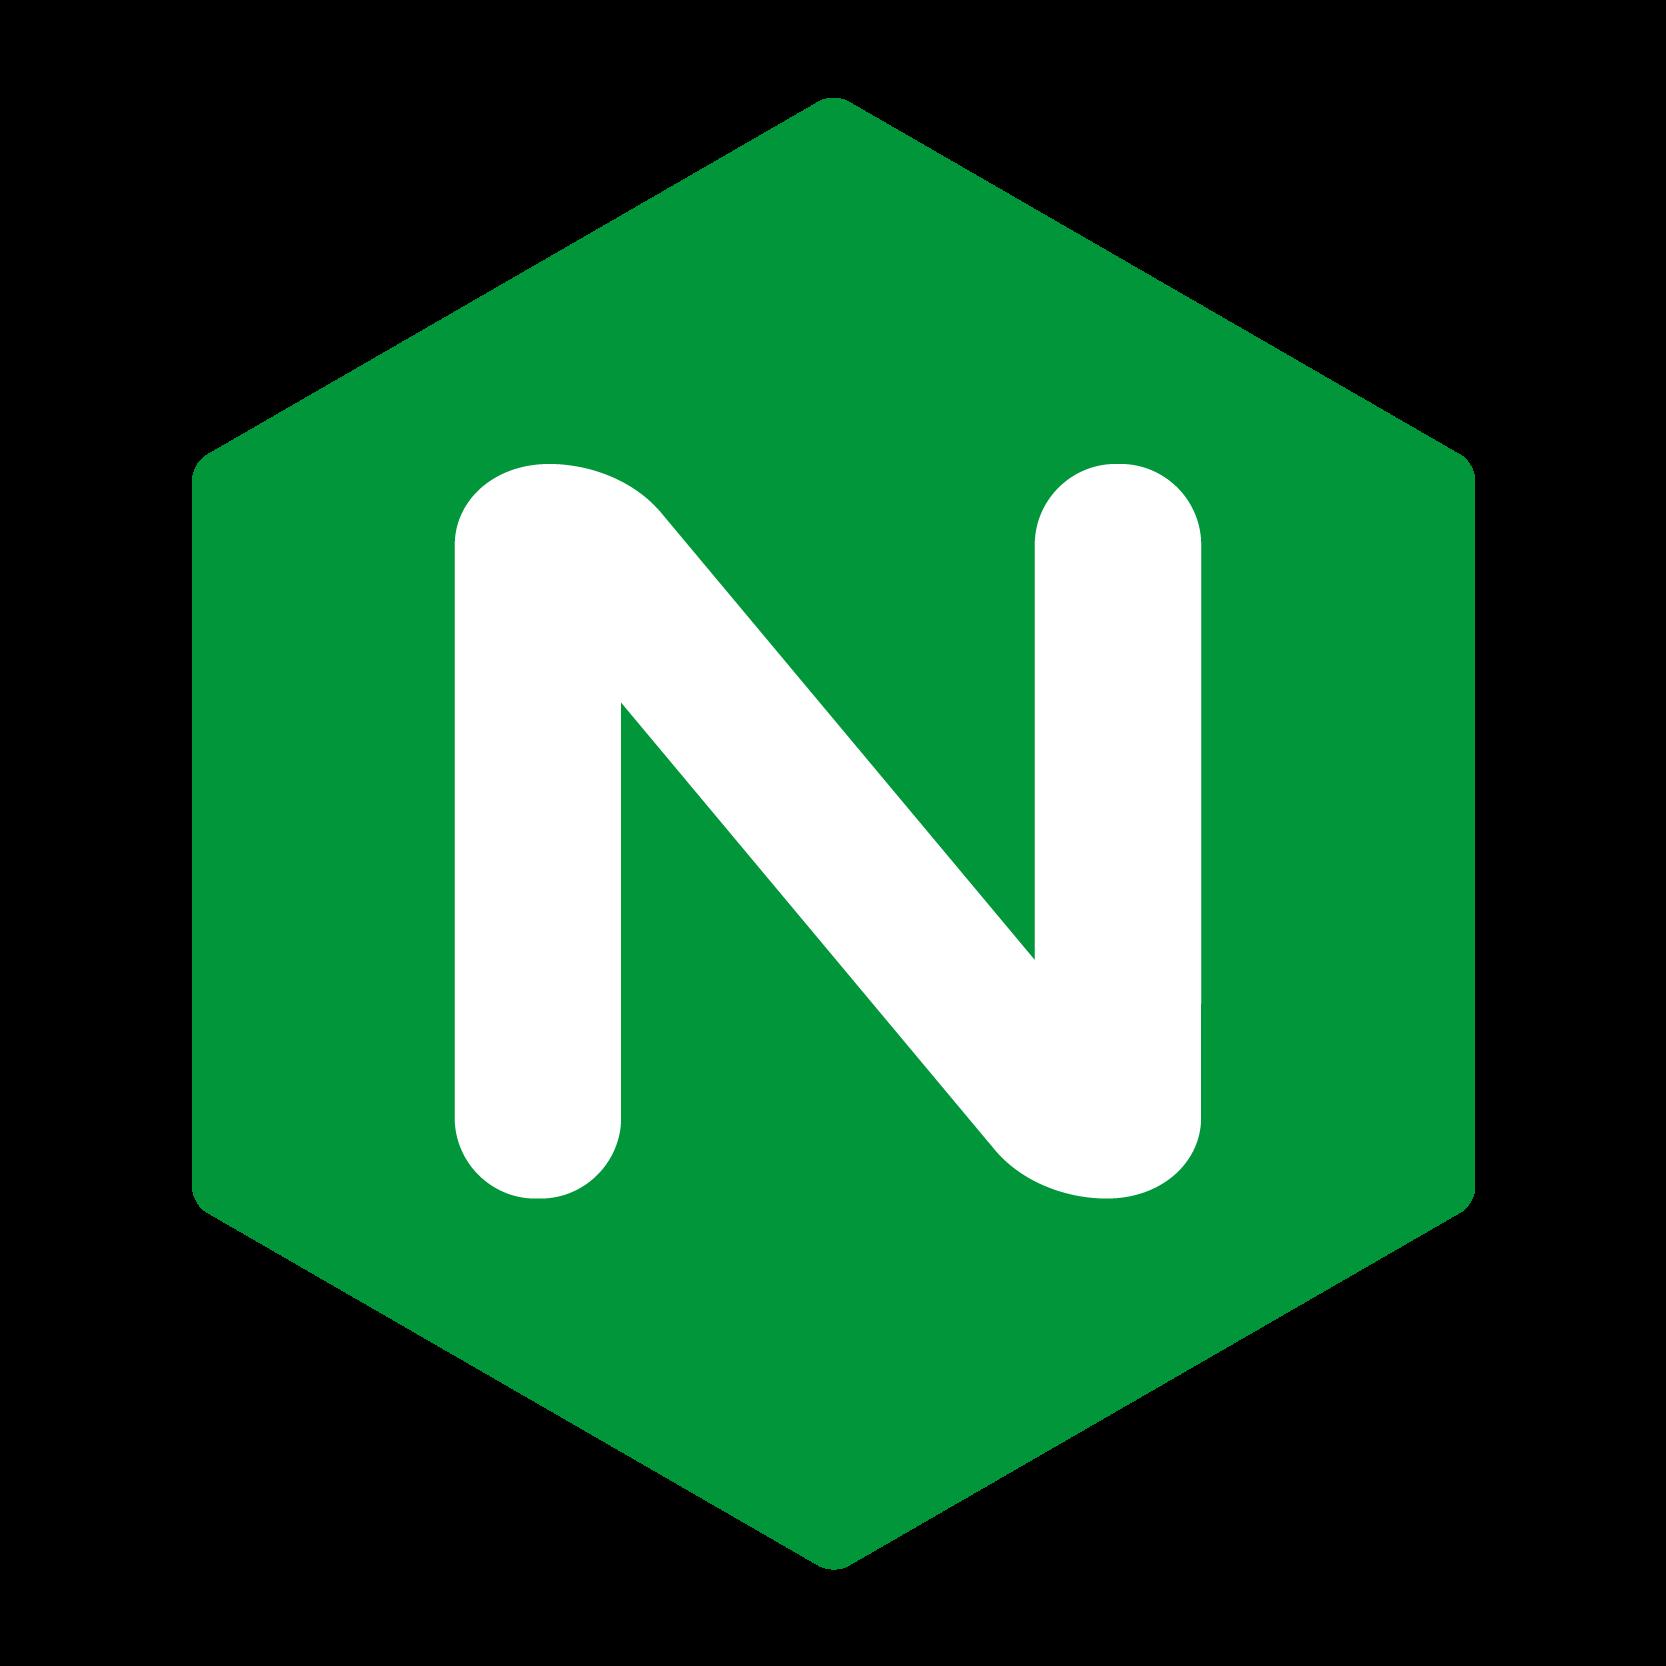 Как скрыть факт использования nginx на сервере